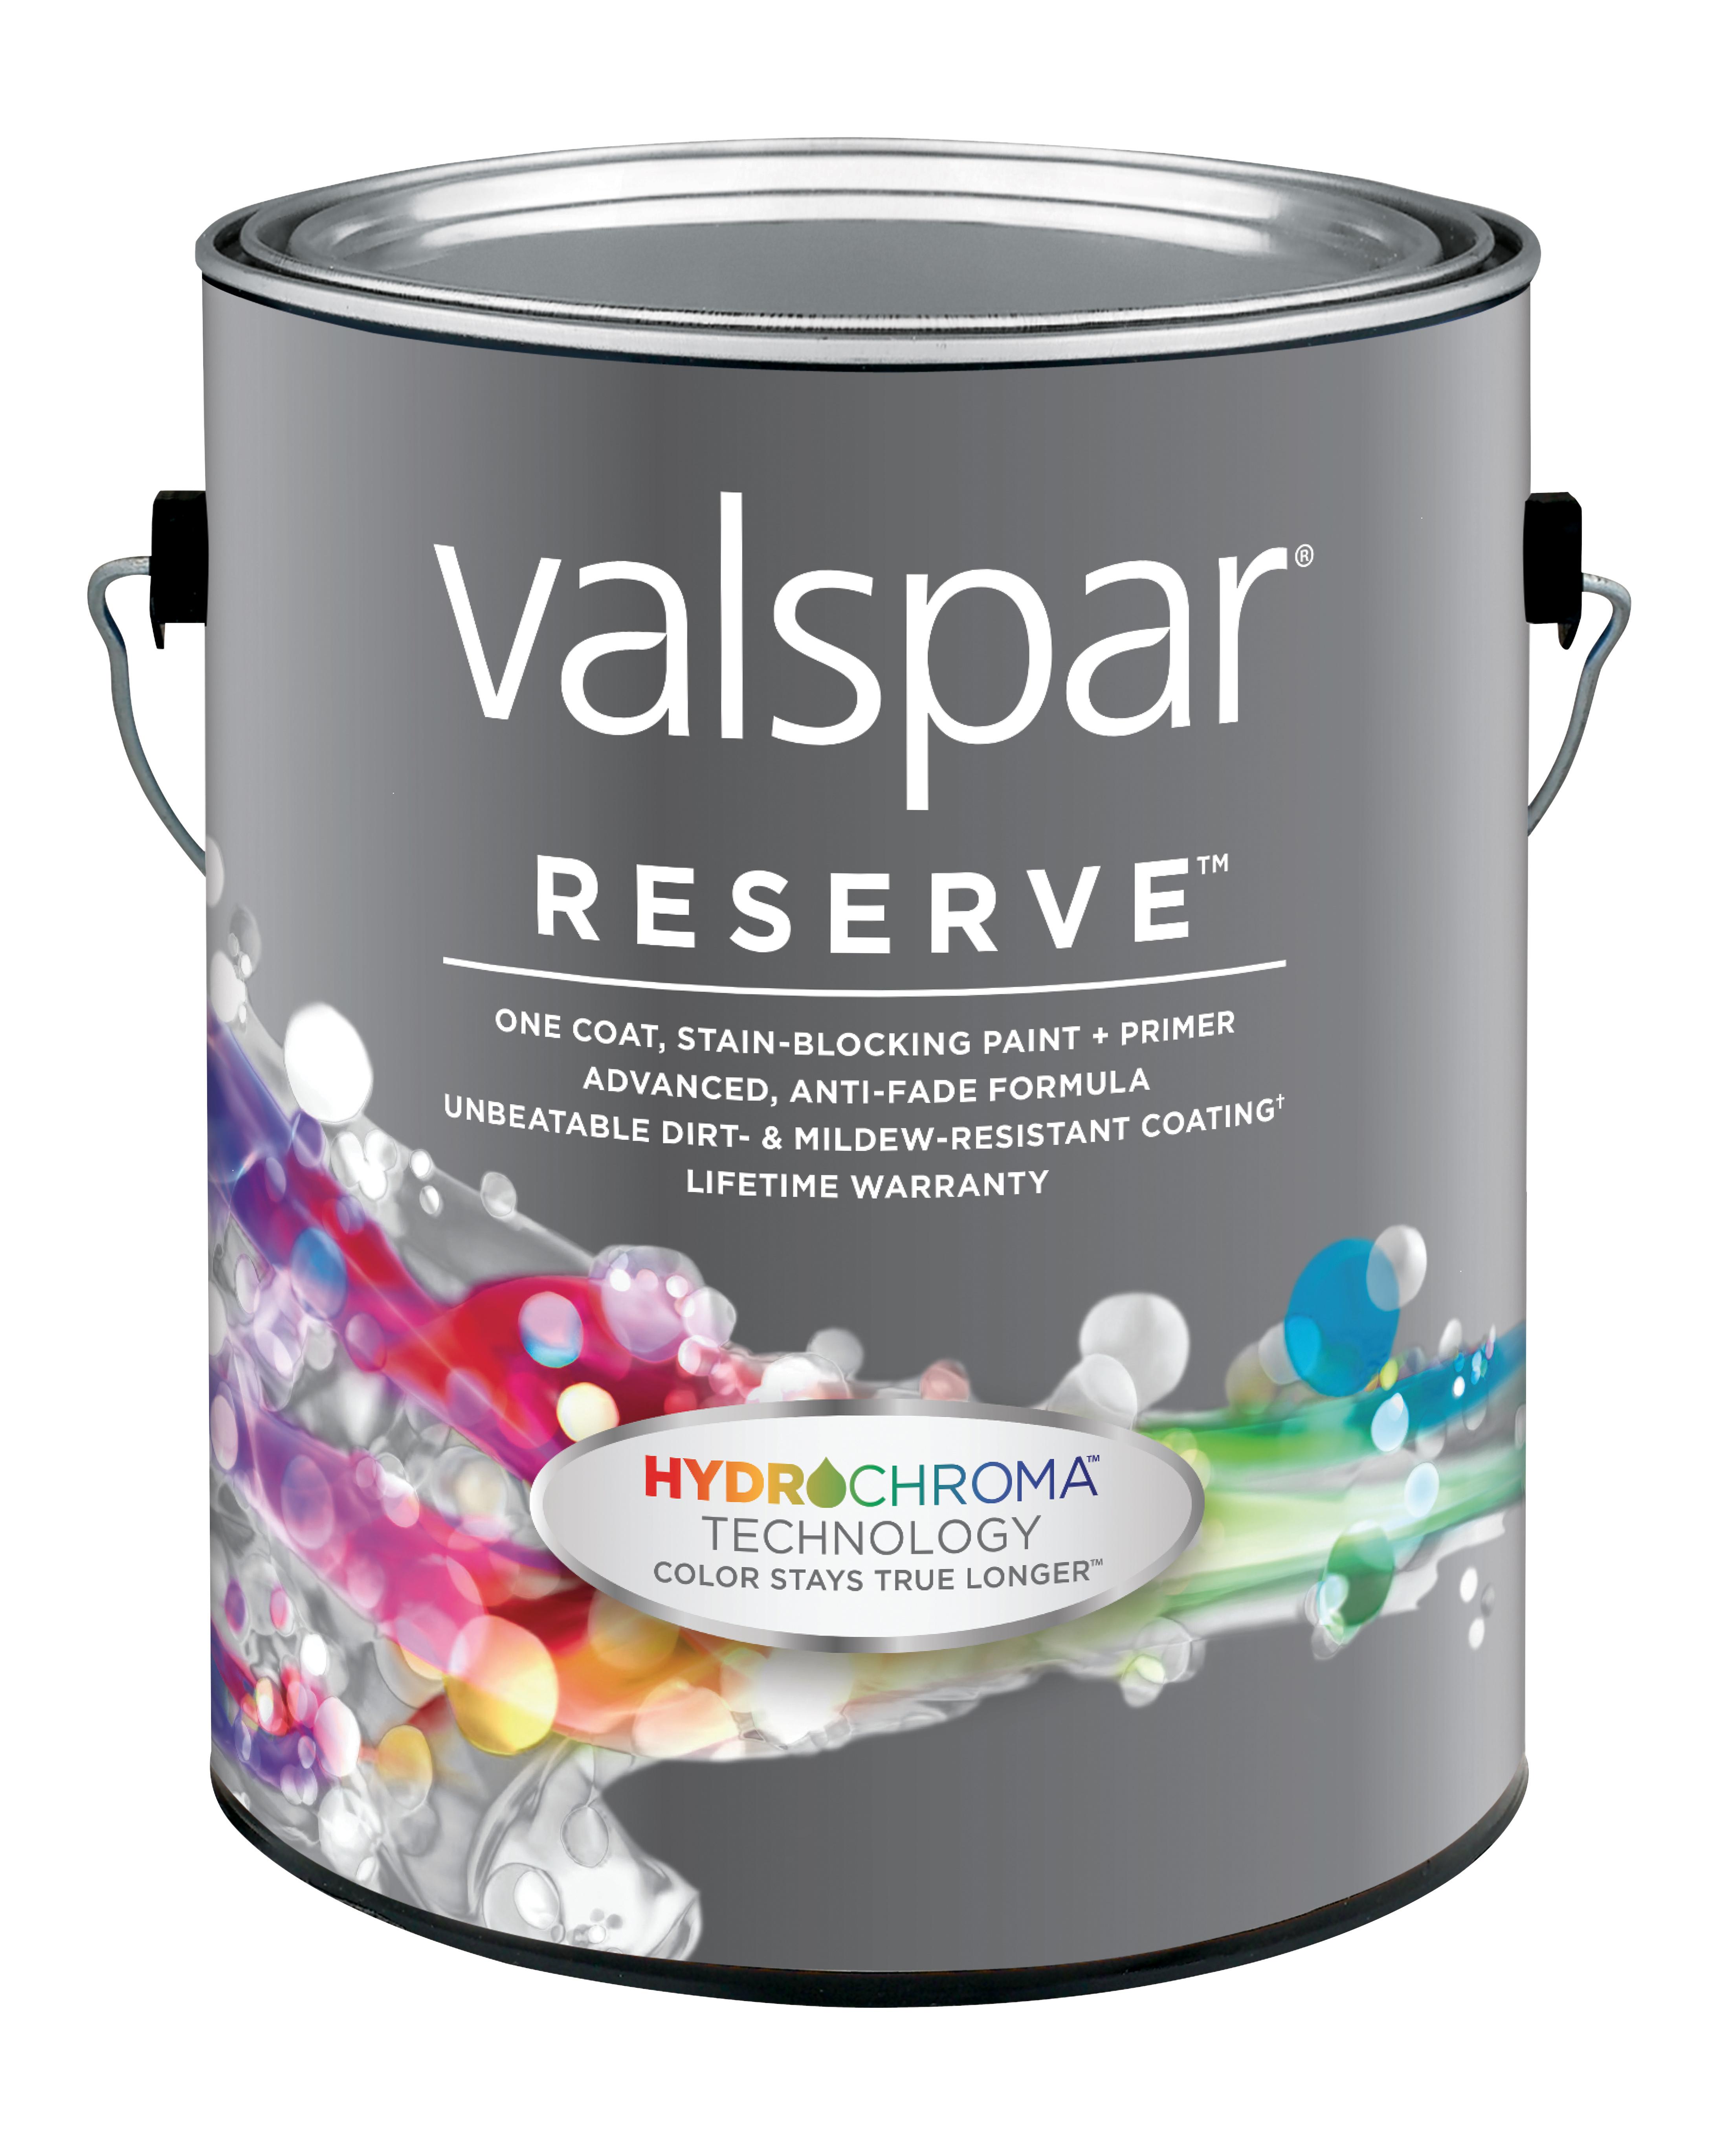 Valspar And Lowe S Unveil A Super Premium Paint Primer With Unsurpassed Durability Color